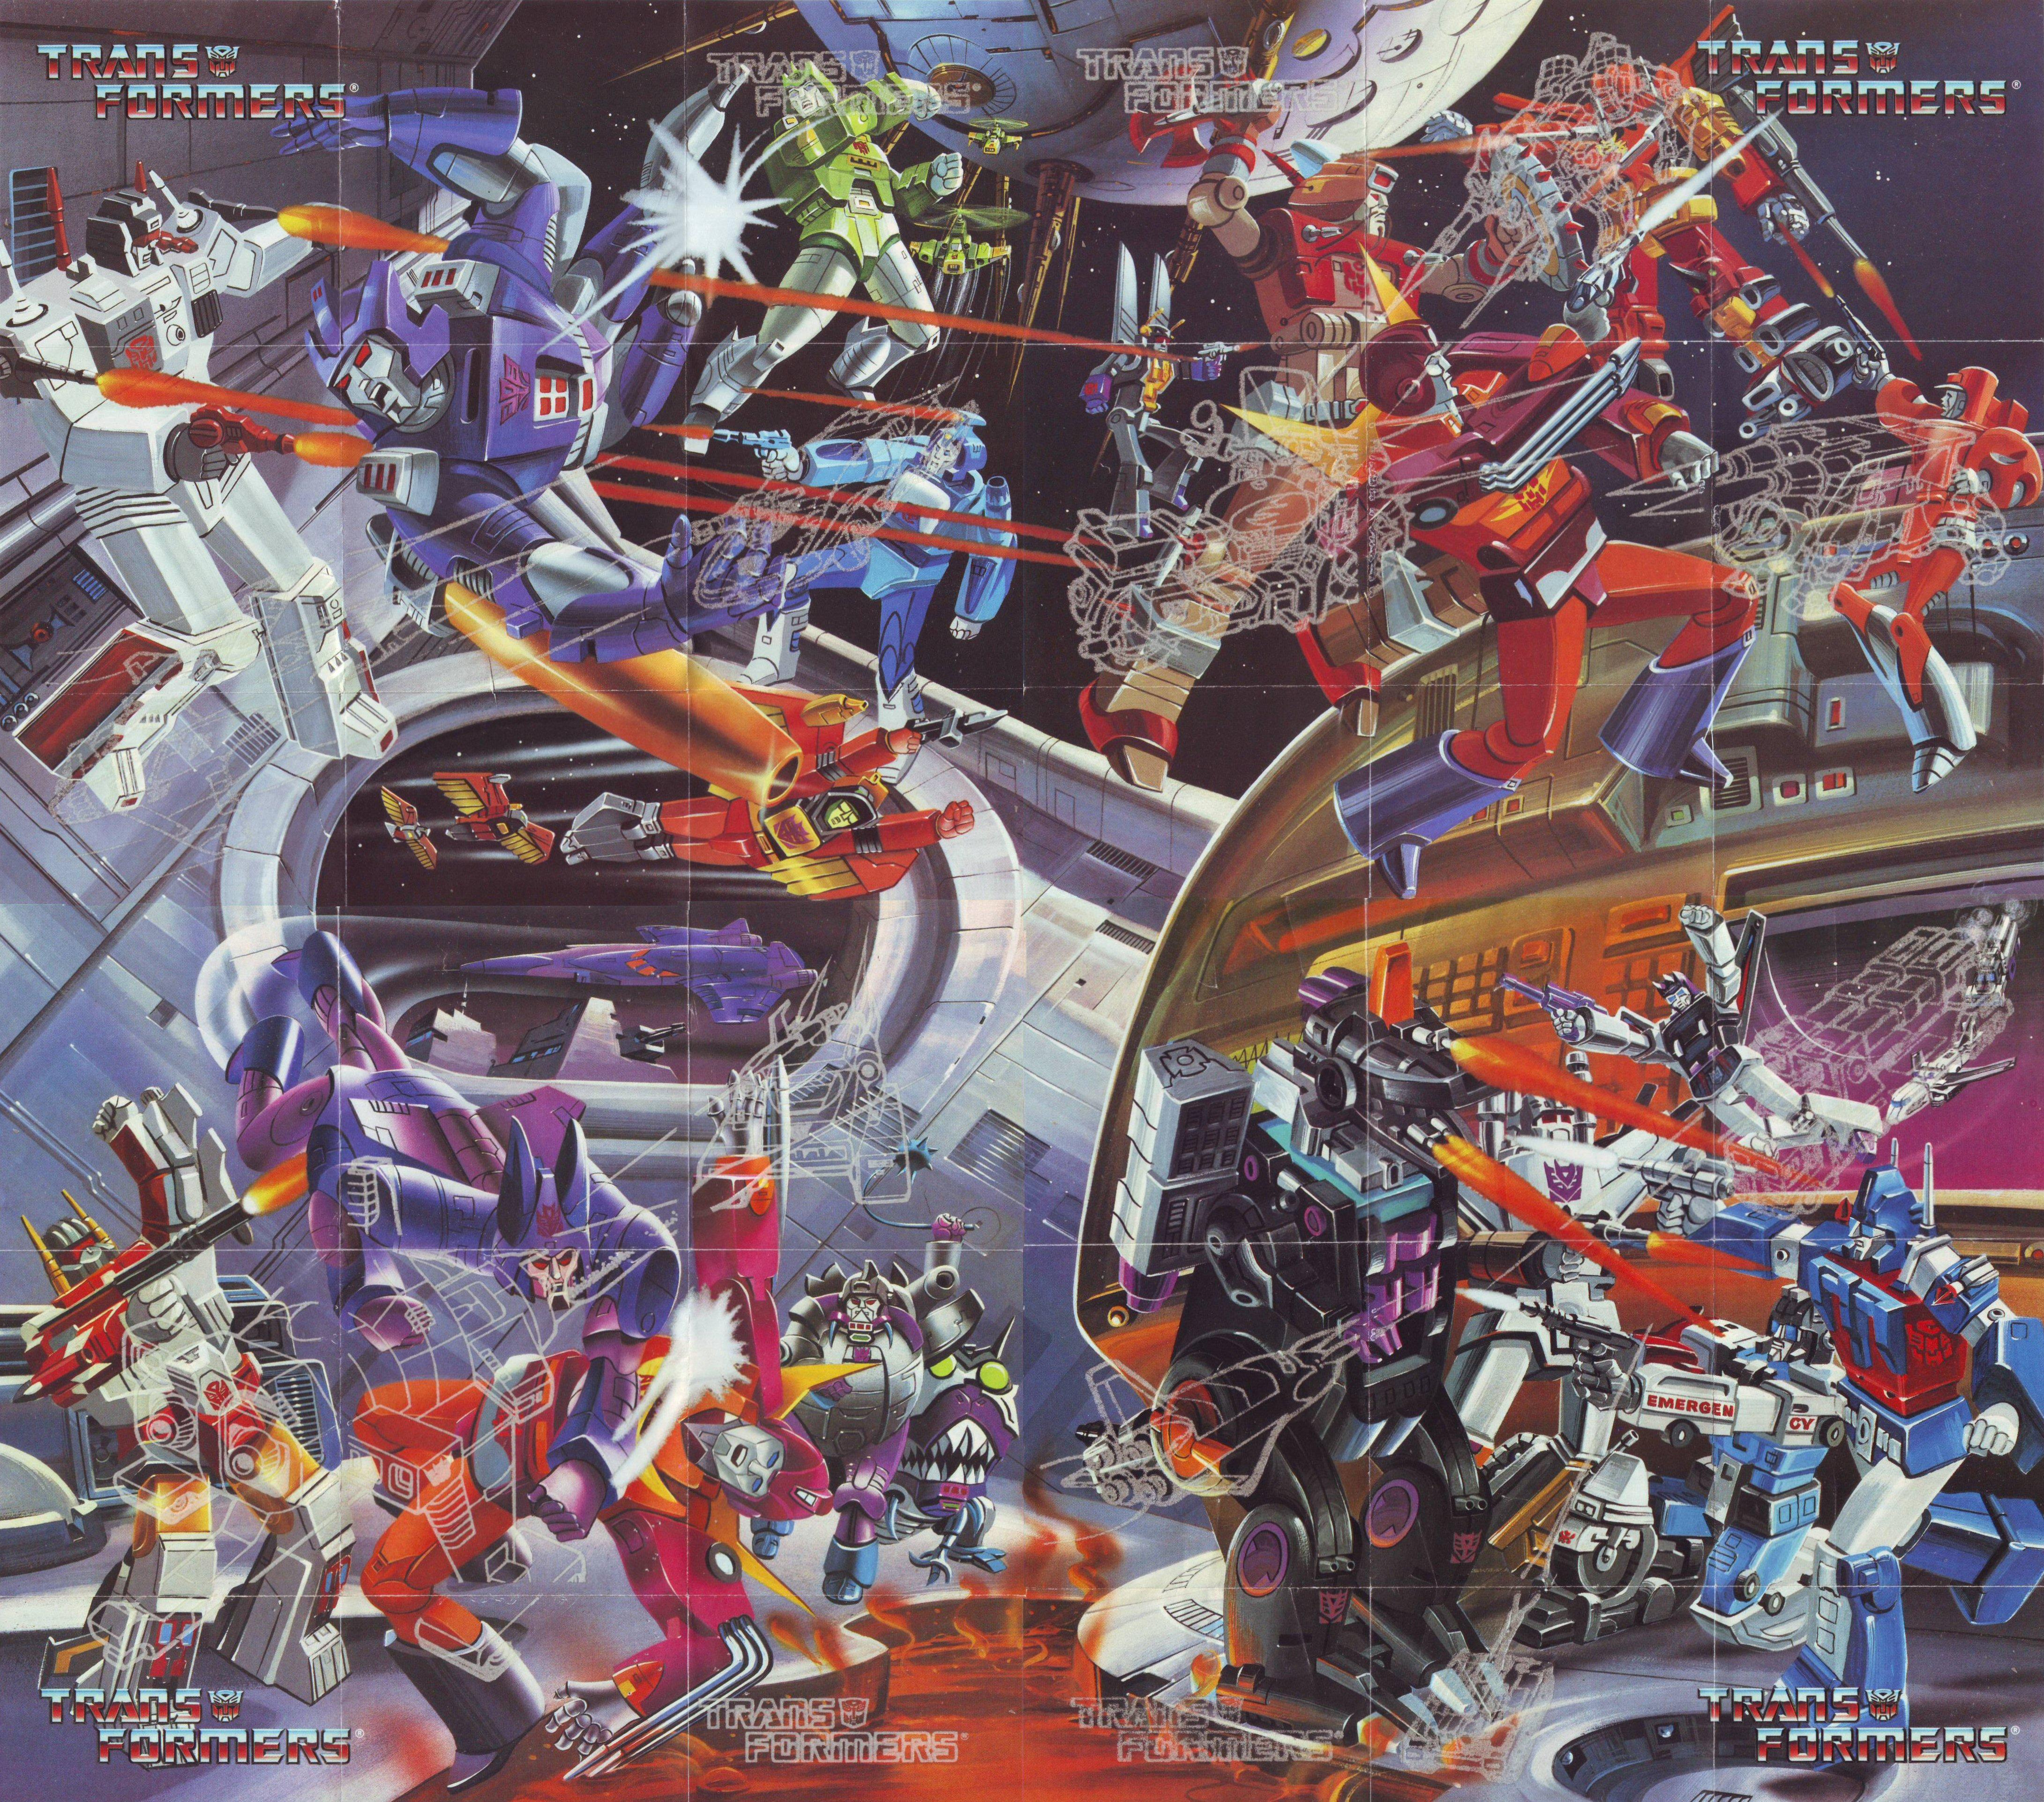 blog 475 transformers artifact of the week 1986